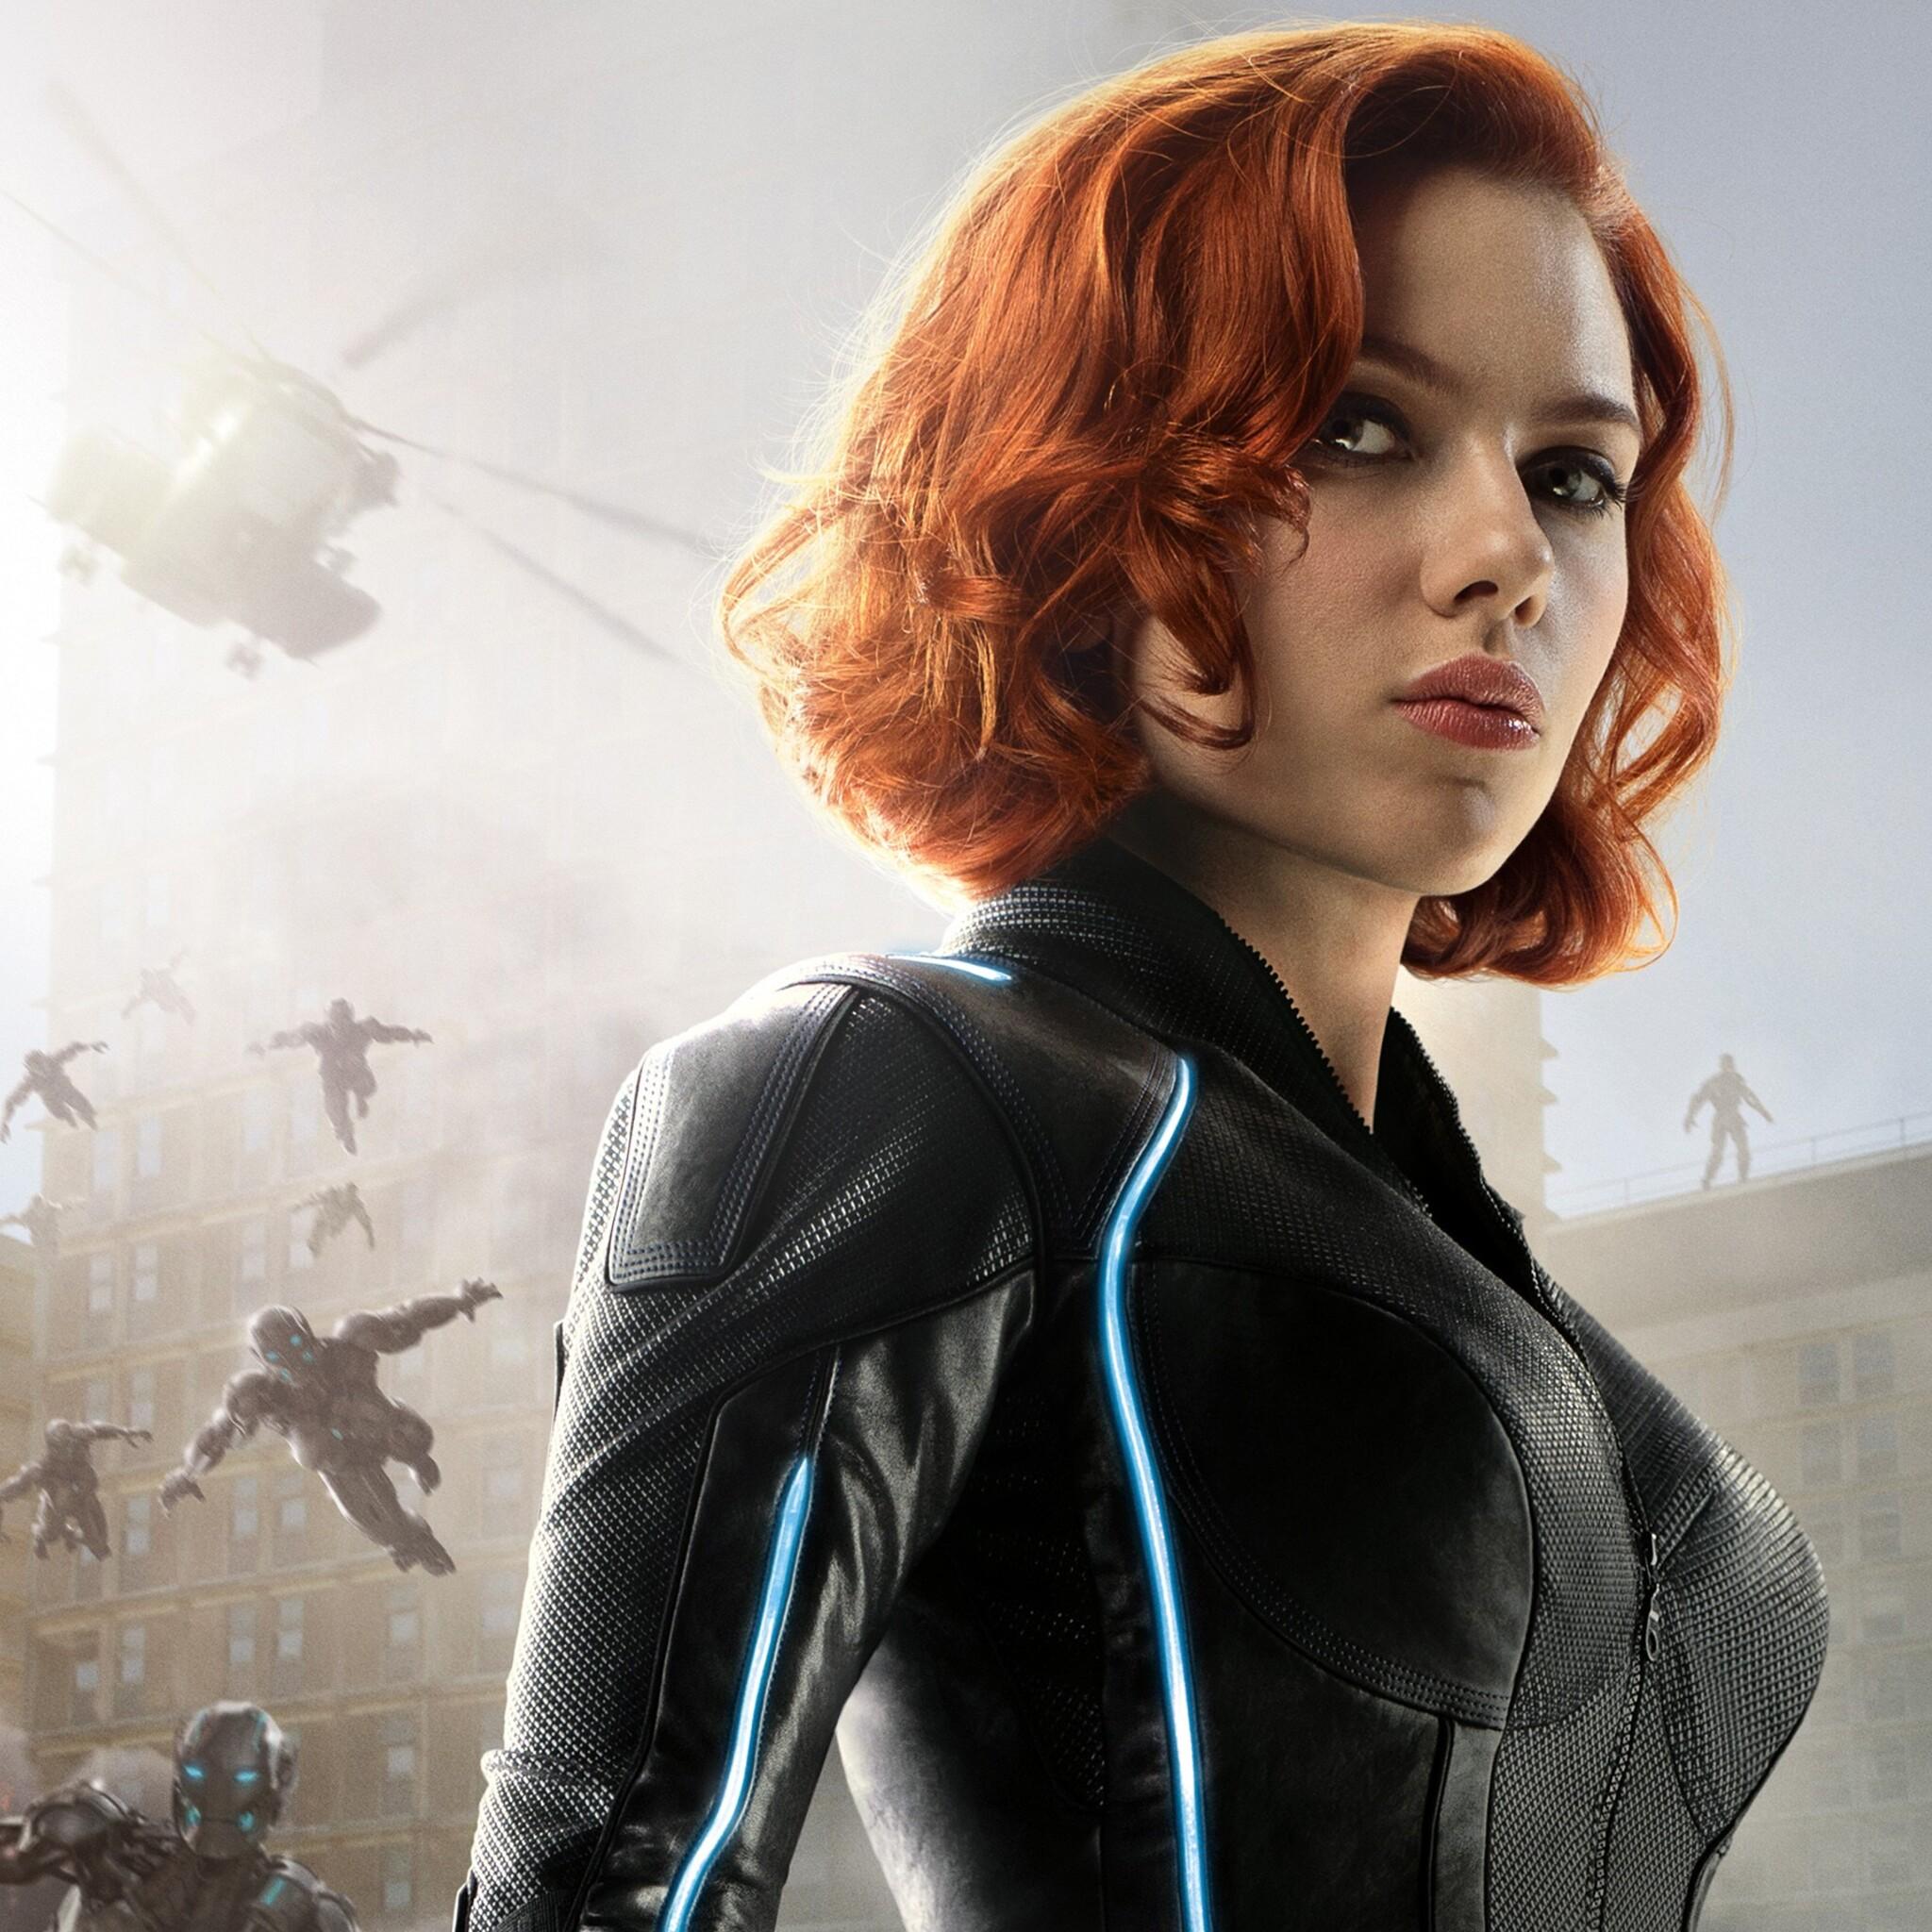 black-widow-in-avengers-age-of-ultron.jpg